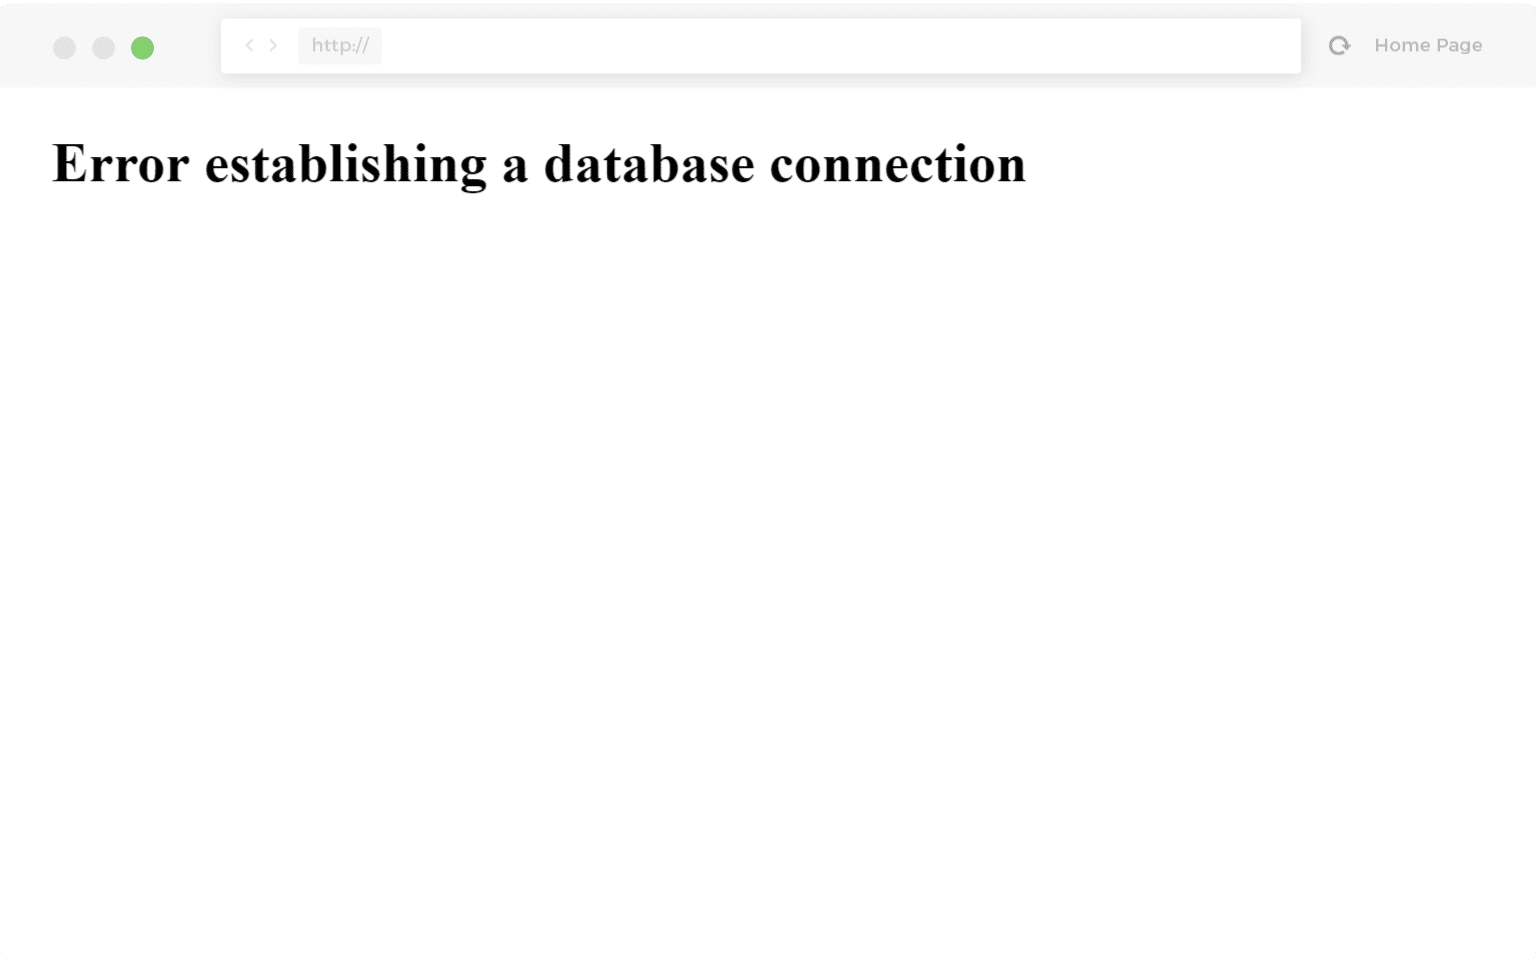 erreur de l'établissement de connexion à la base de données